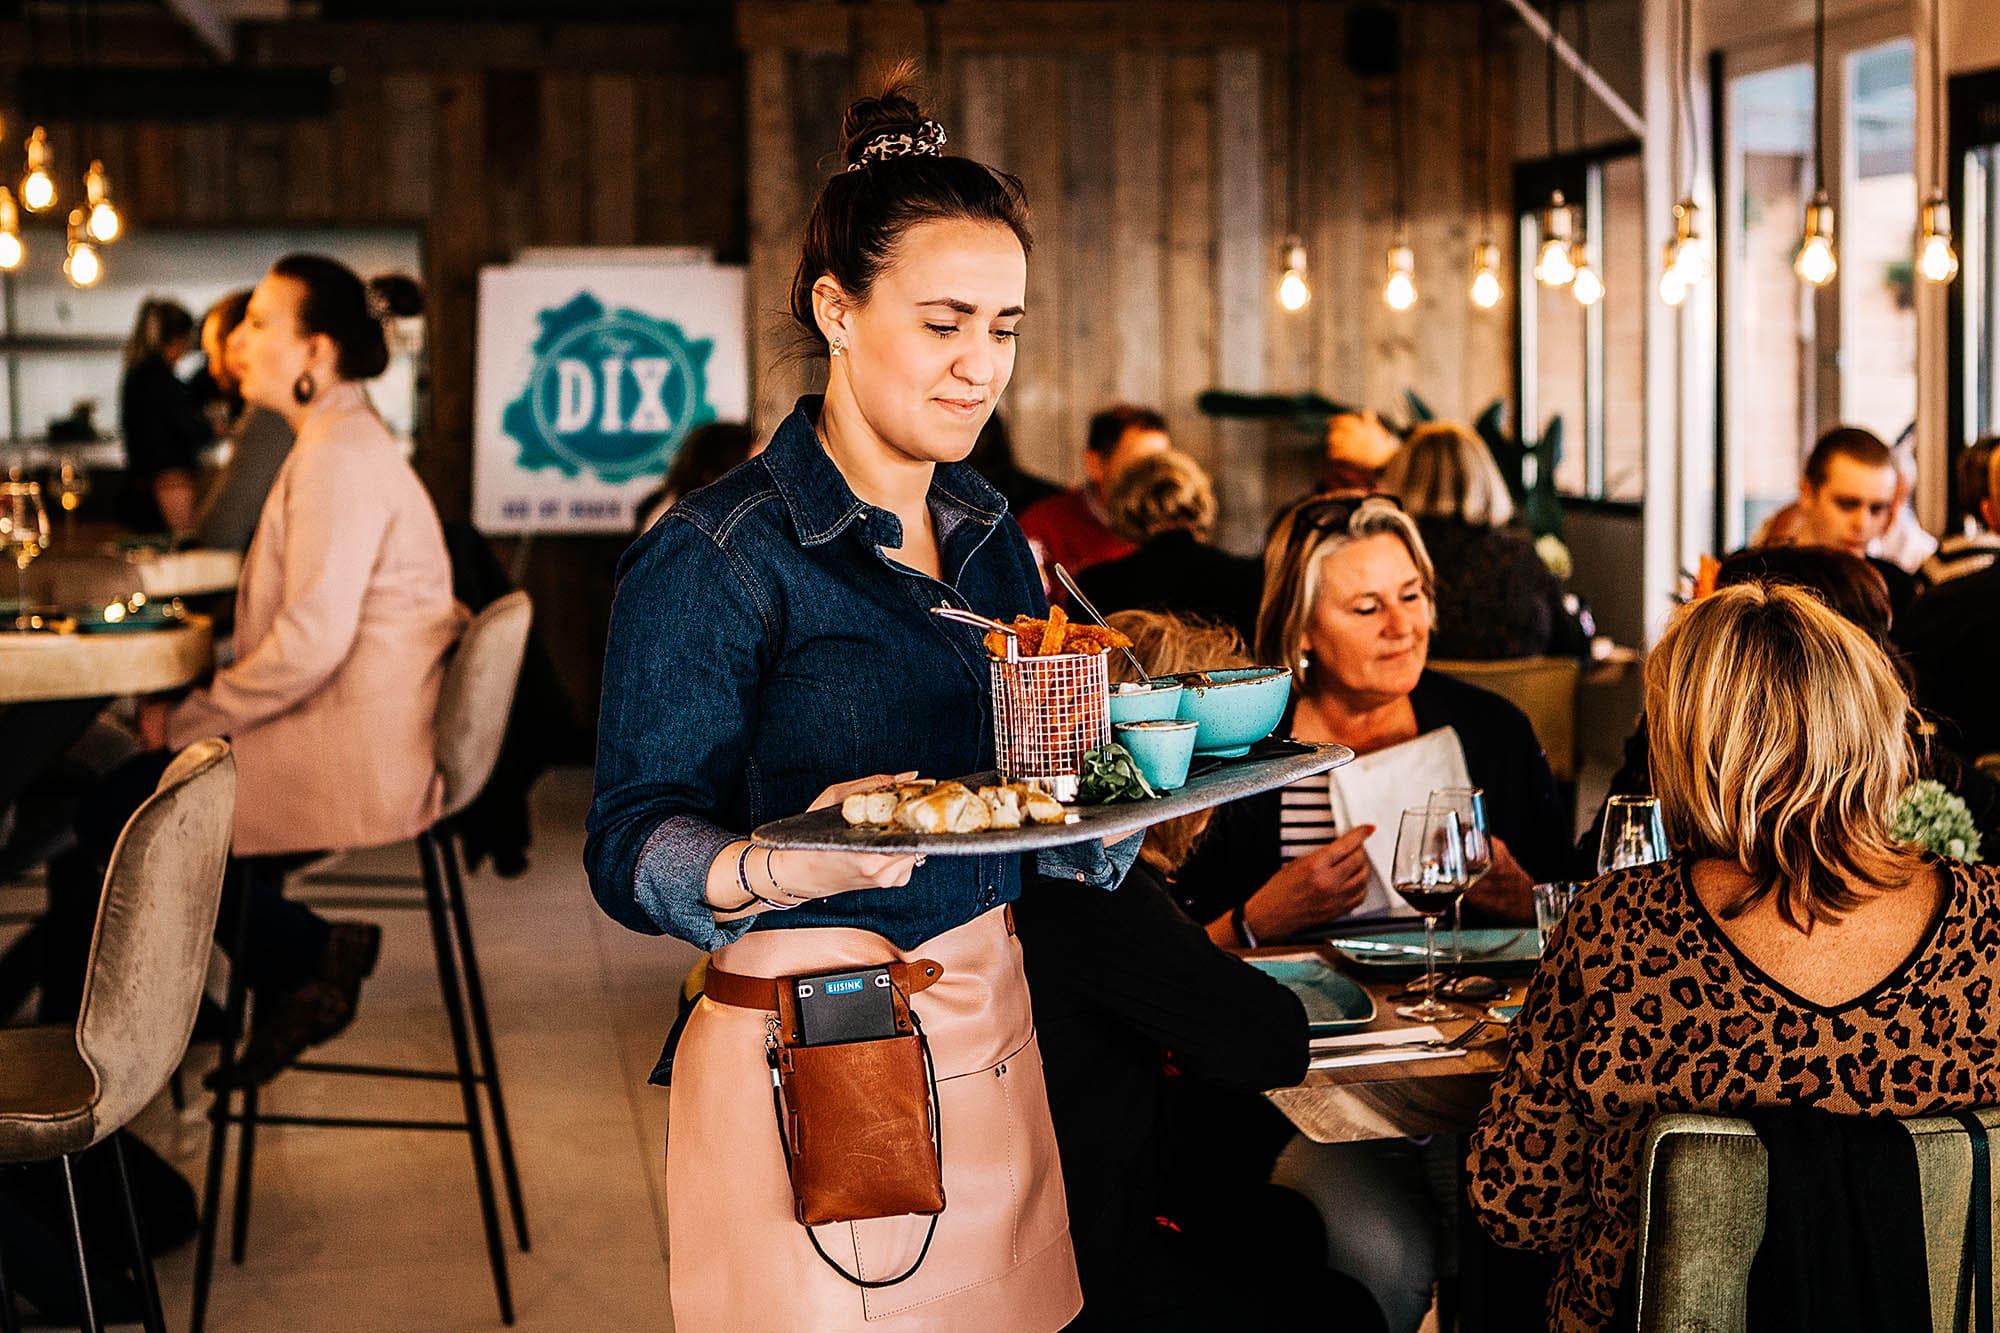 Zakelijke fotografie Plage Dix by Fotostudio Zandvoort